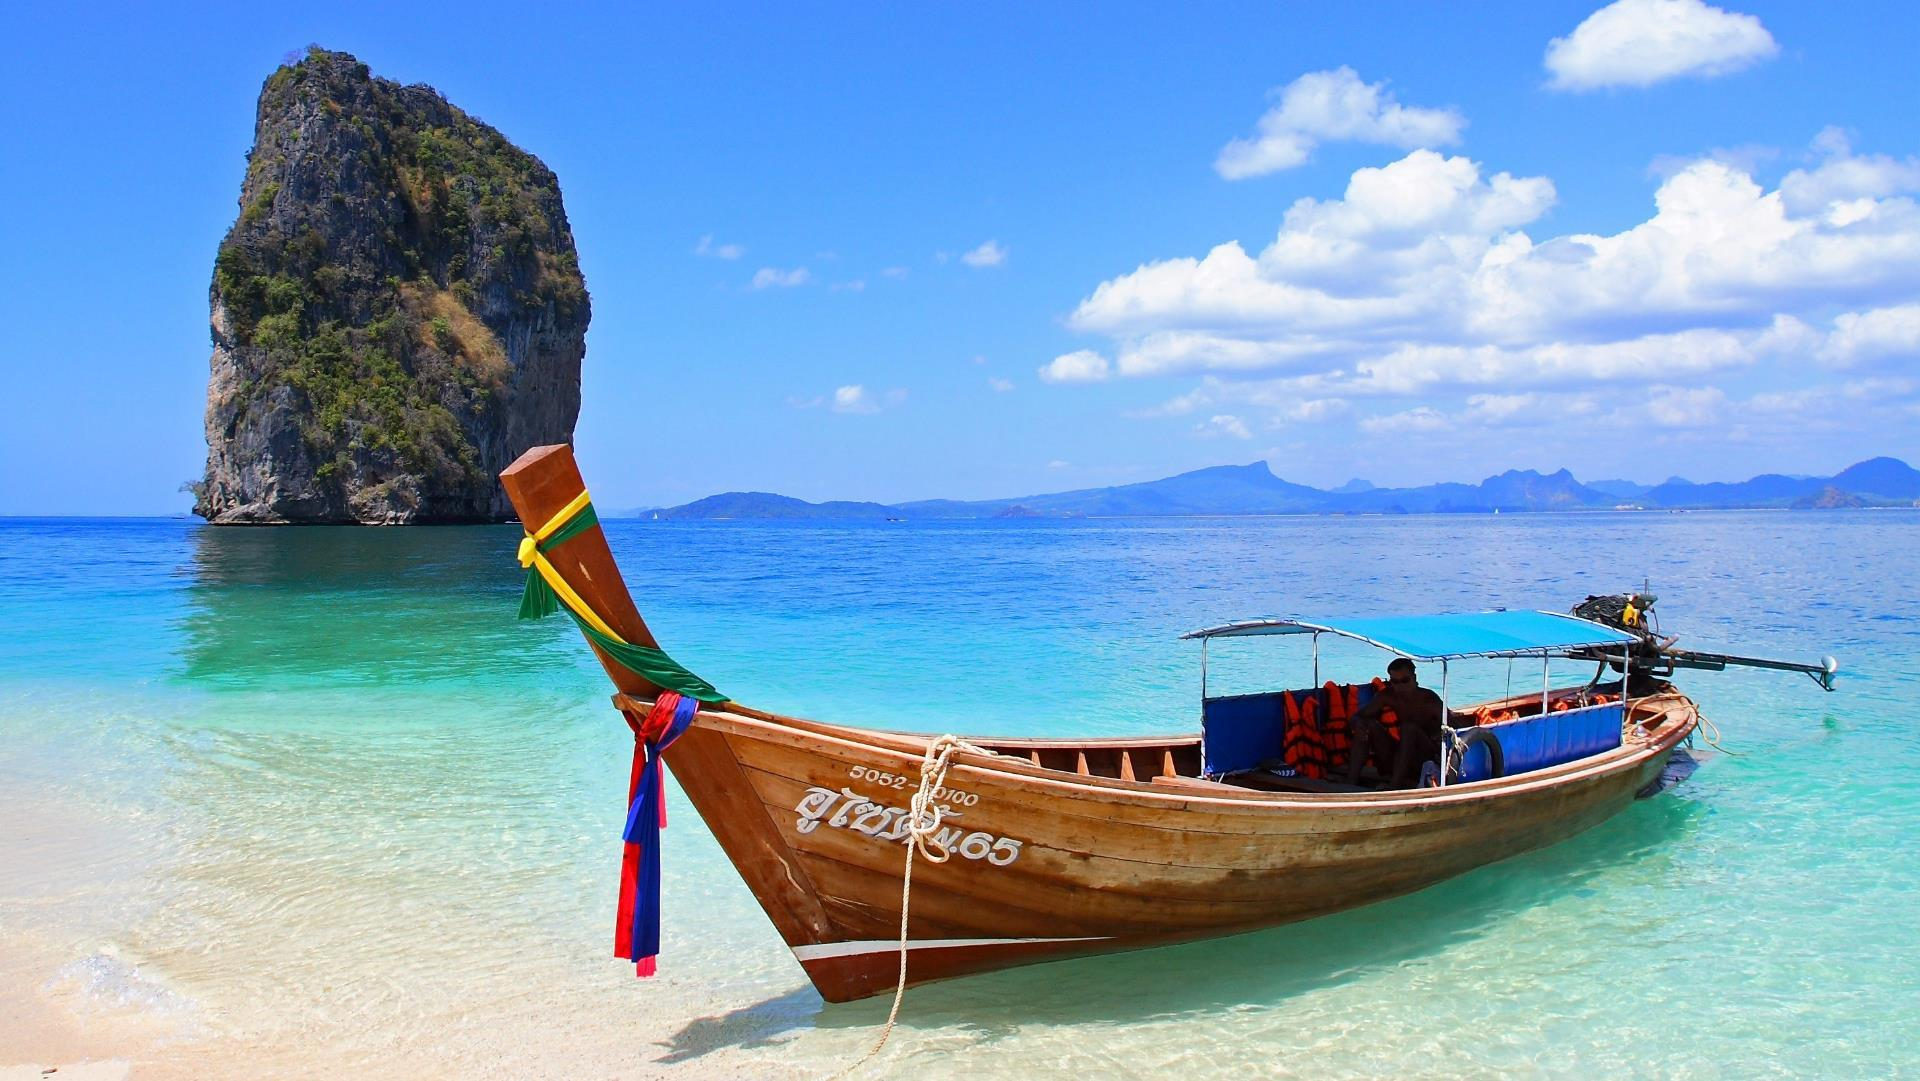 Ya no se puede fumar en las playas del Tailandia